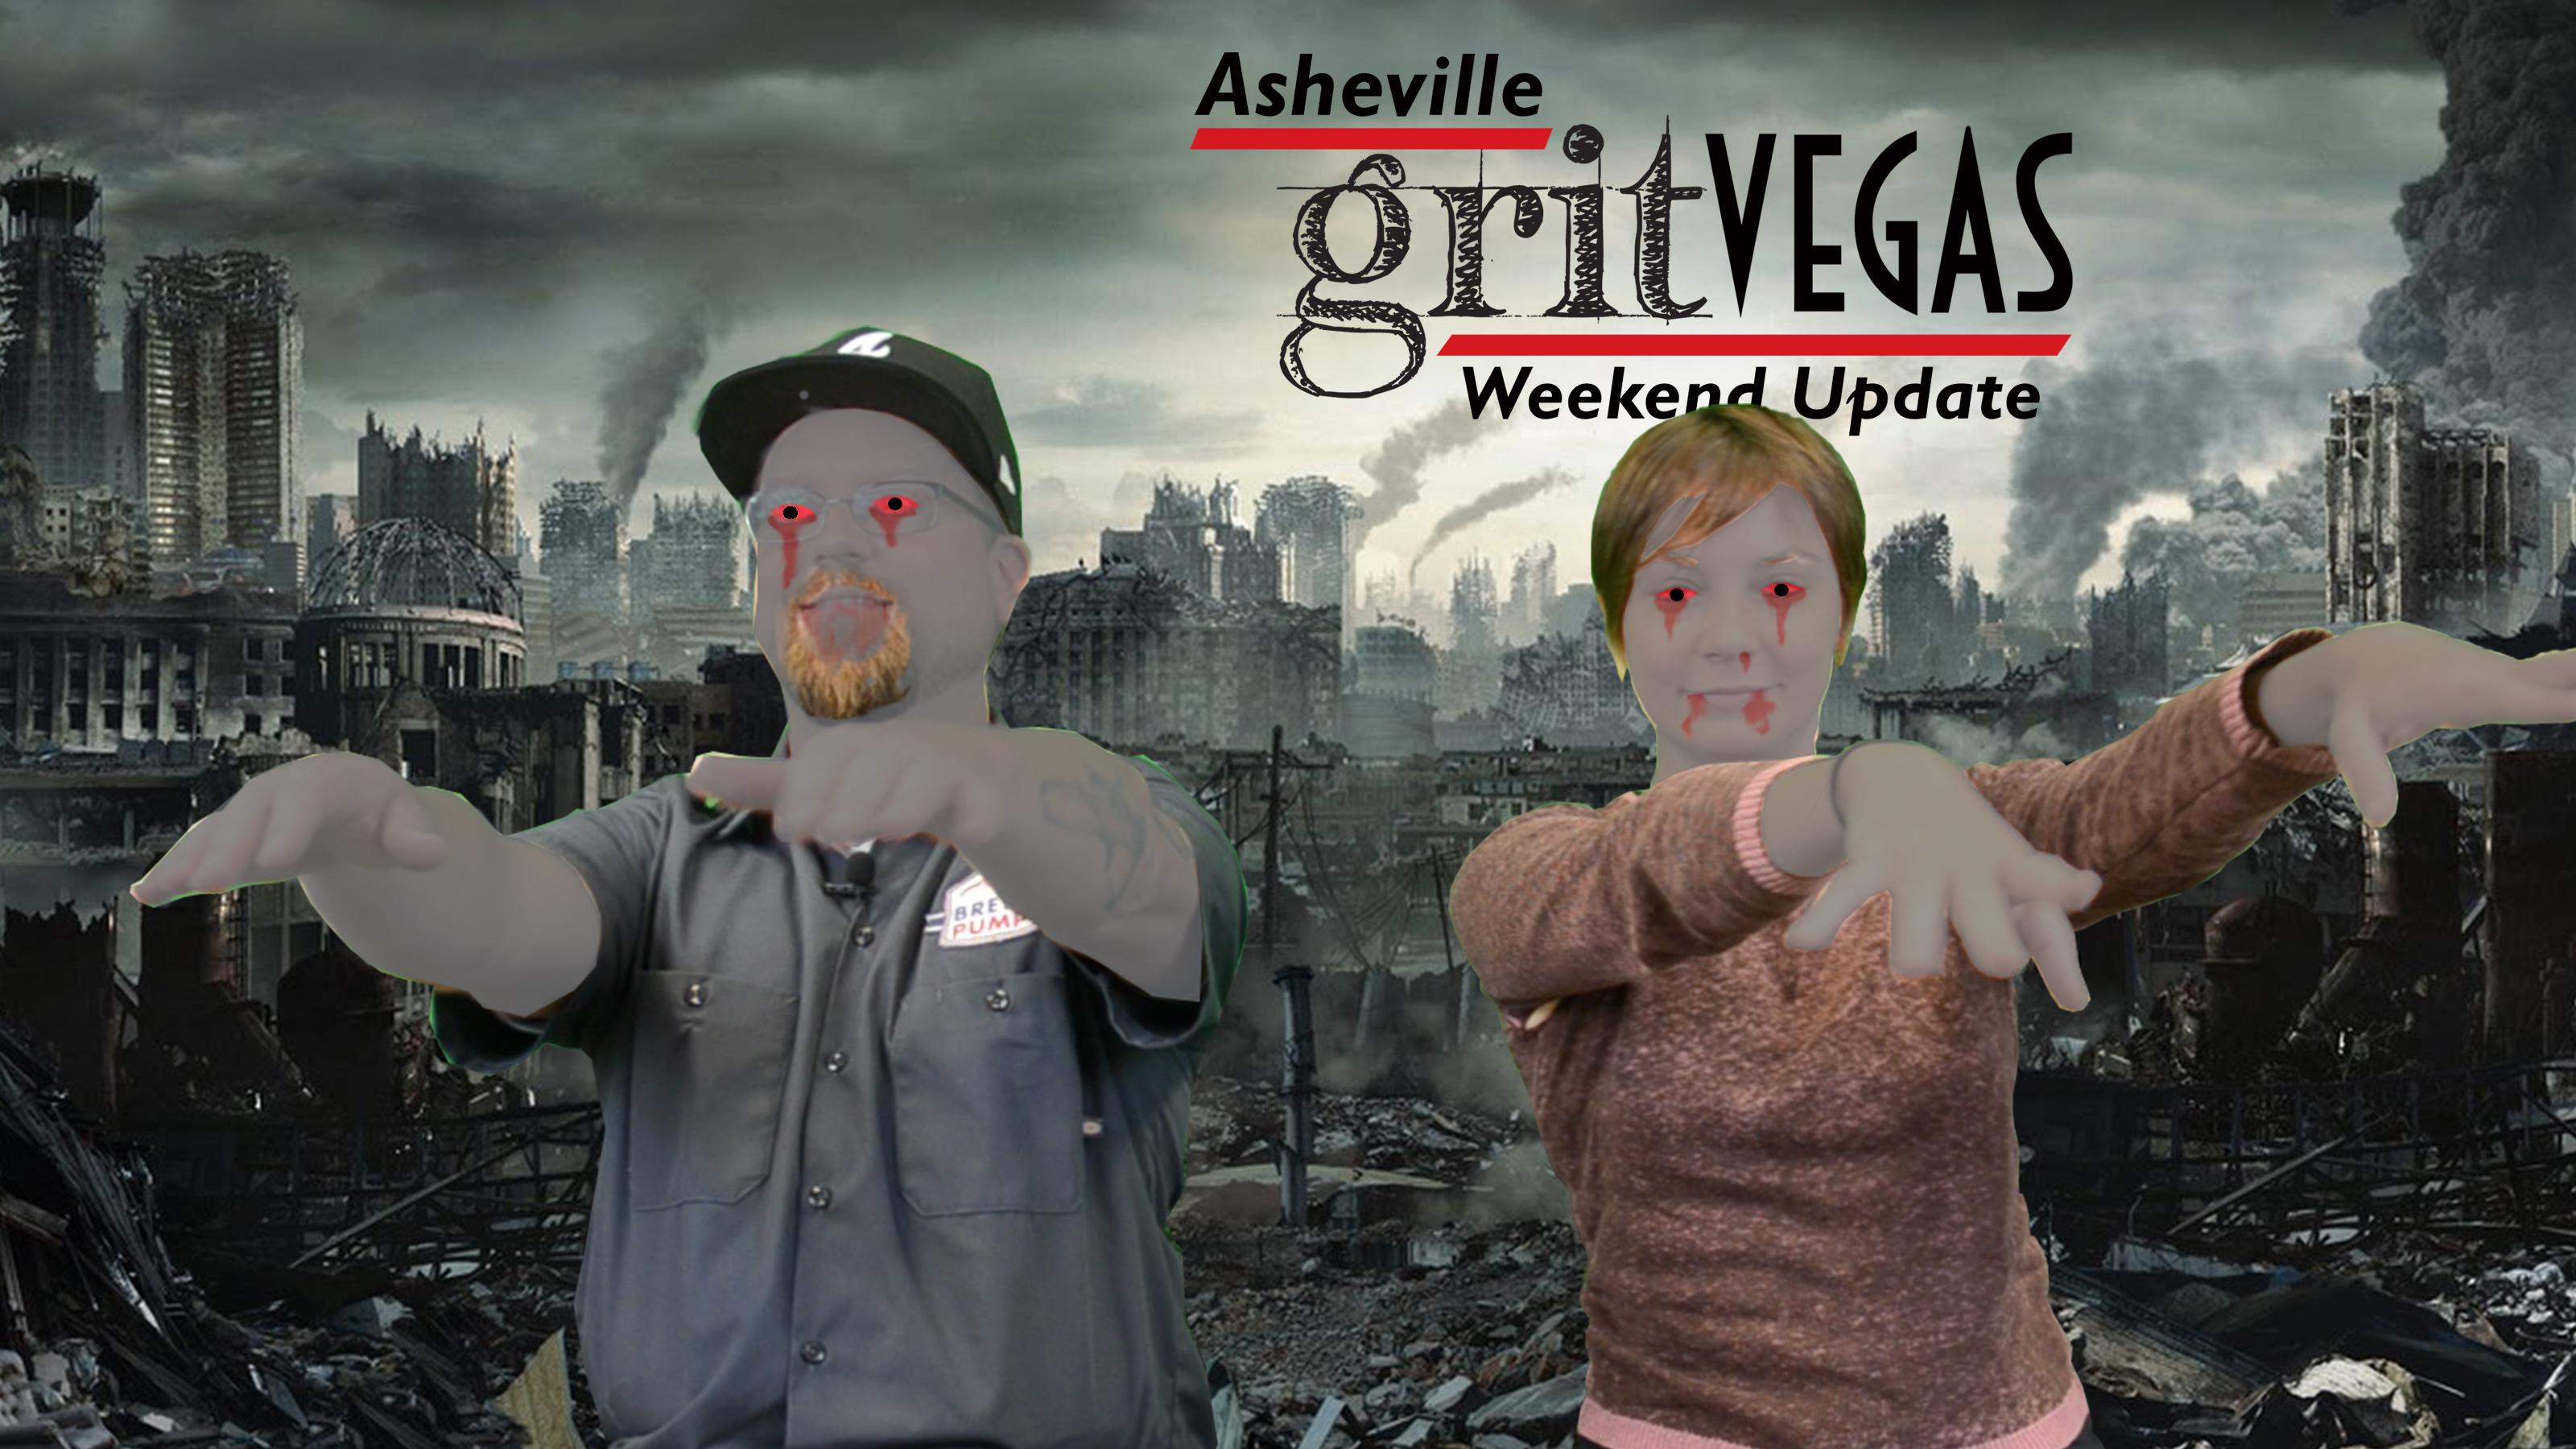 GritVegas Weekend Update for Oct. 6-9 in Asheville